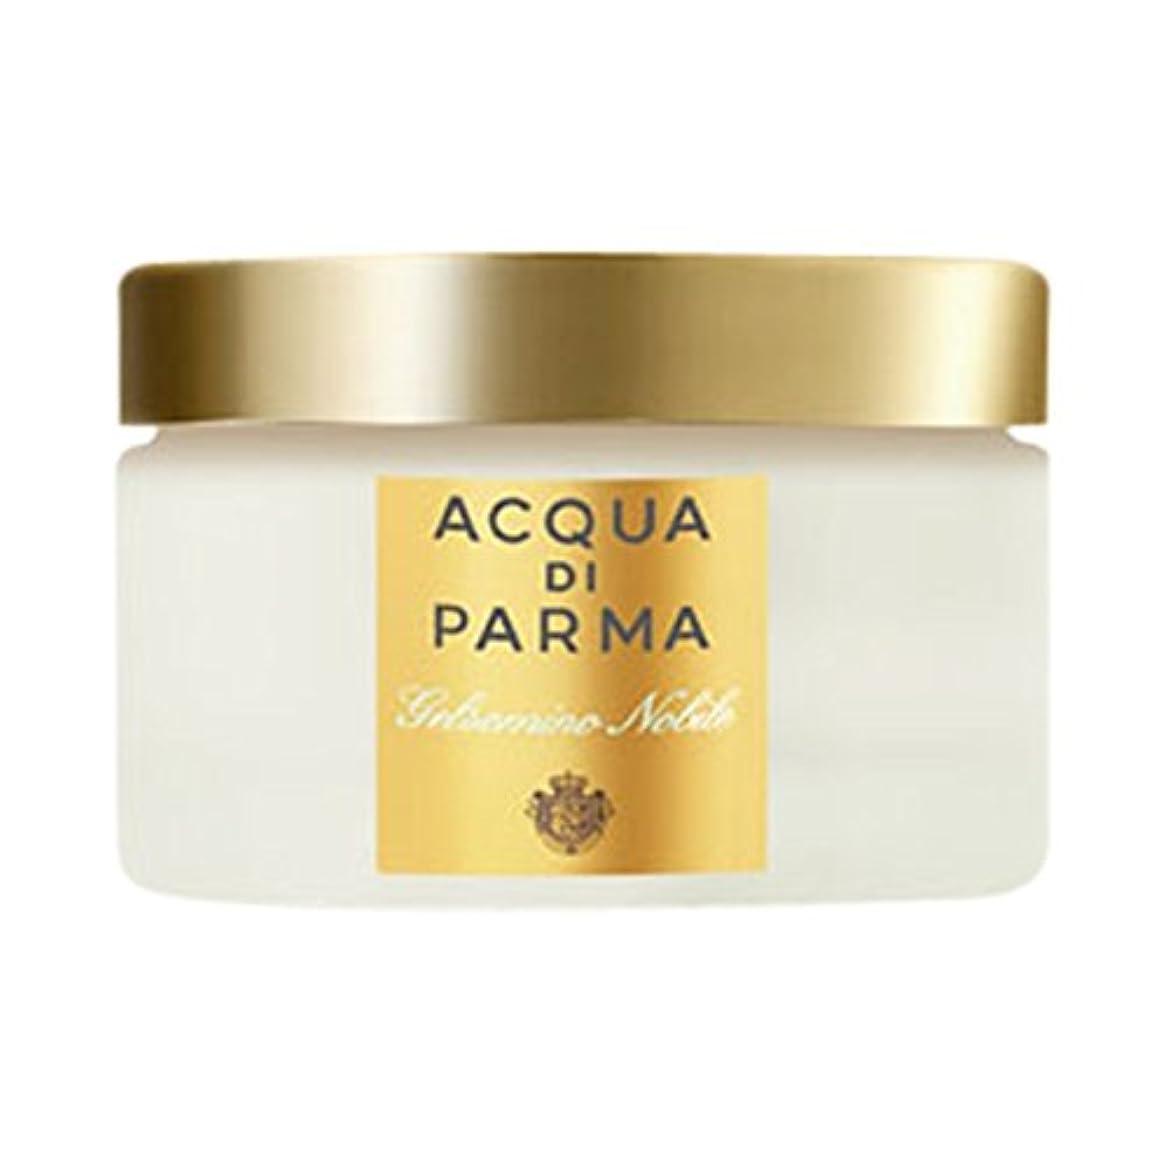 構成員モンキー検出器アクア?ディ?パルマGelsominoノビルボディクリーム150ミリリットル (Acqua di Parma) (x2) - Acqua di Parma Gelsomino Nobile Body Cream 150ml...